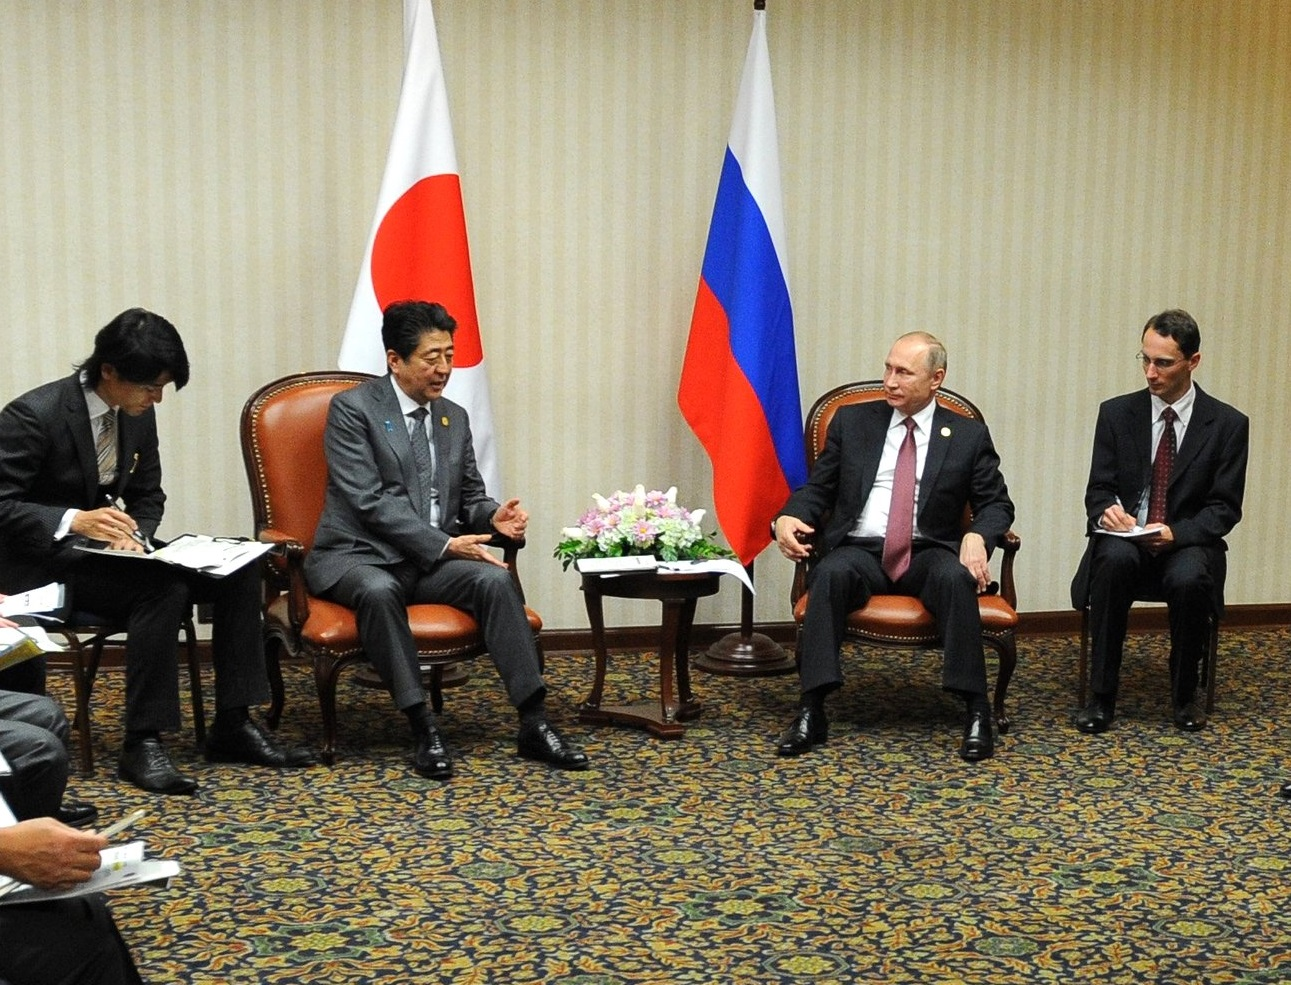 プーチン大統領と安倍首相が会談、アジア太平洋経済協力会議(APEC)ペルーサミット、11月20日=